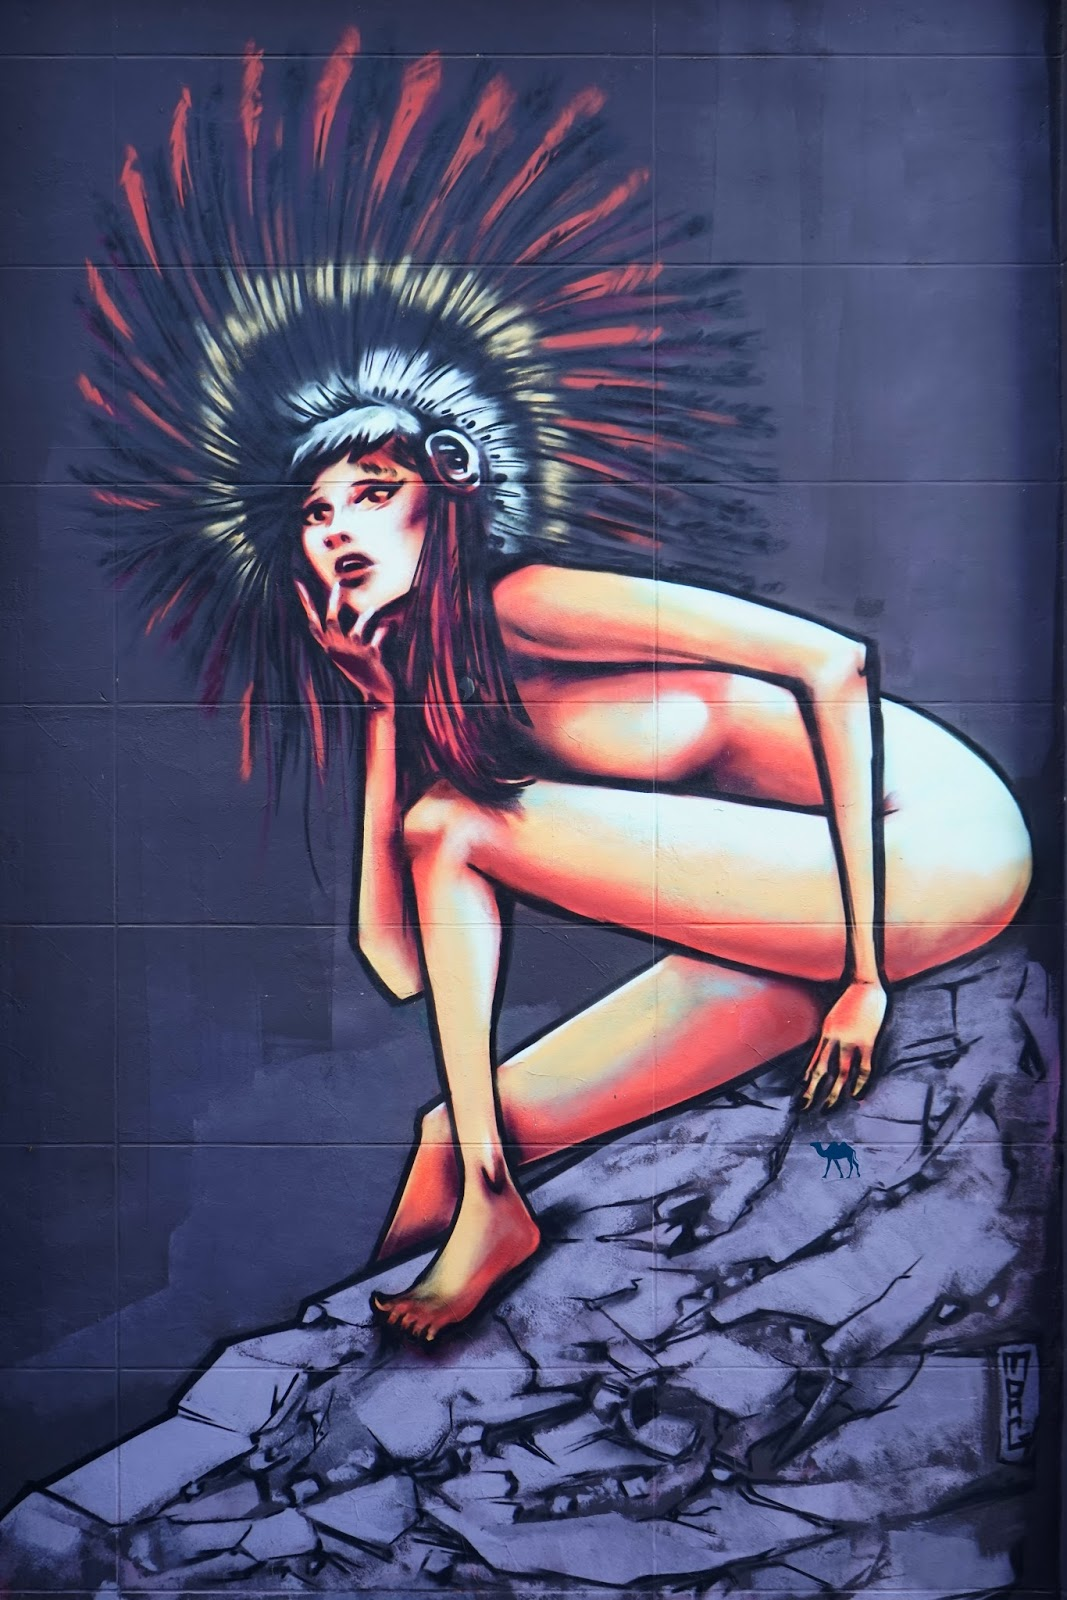 Le Chameau Bleu - Street art - L'indienne